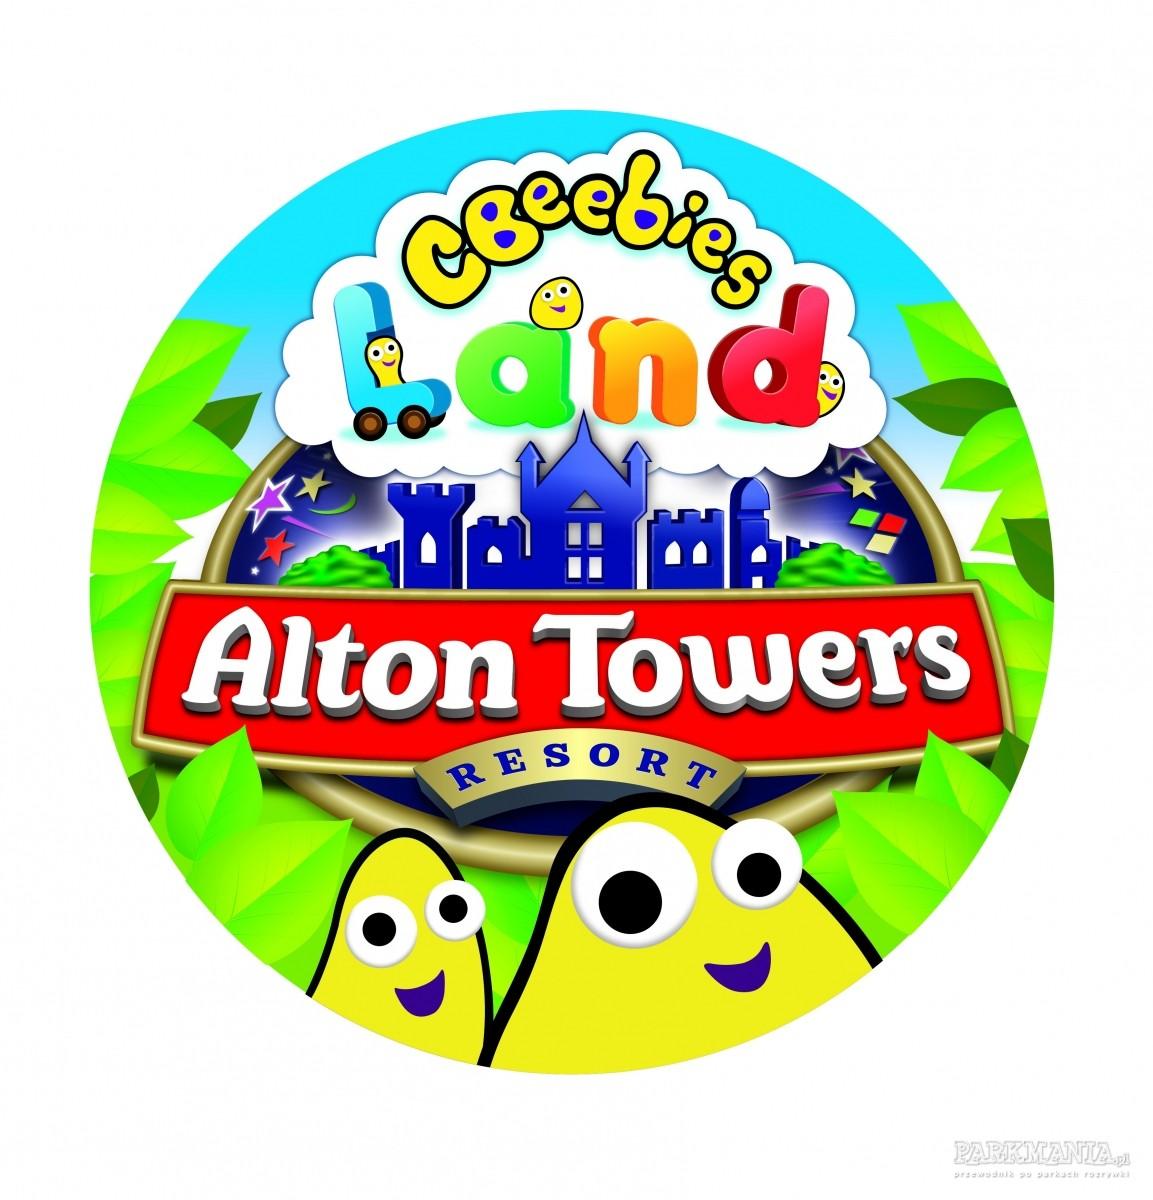 W Alton Towers powstaje nowa kraina tematyczna